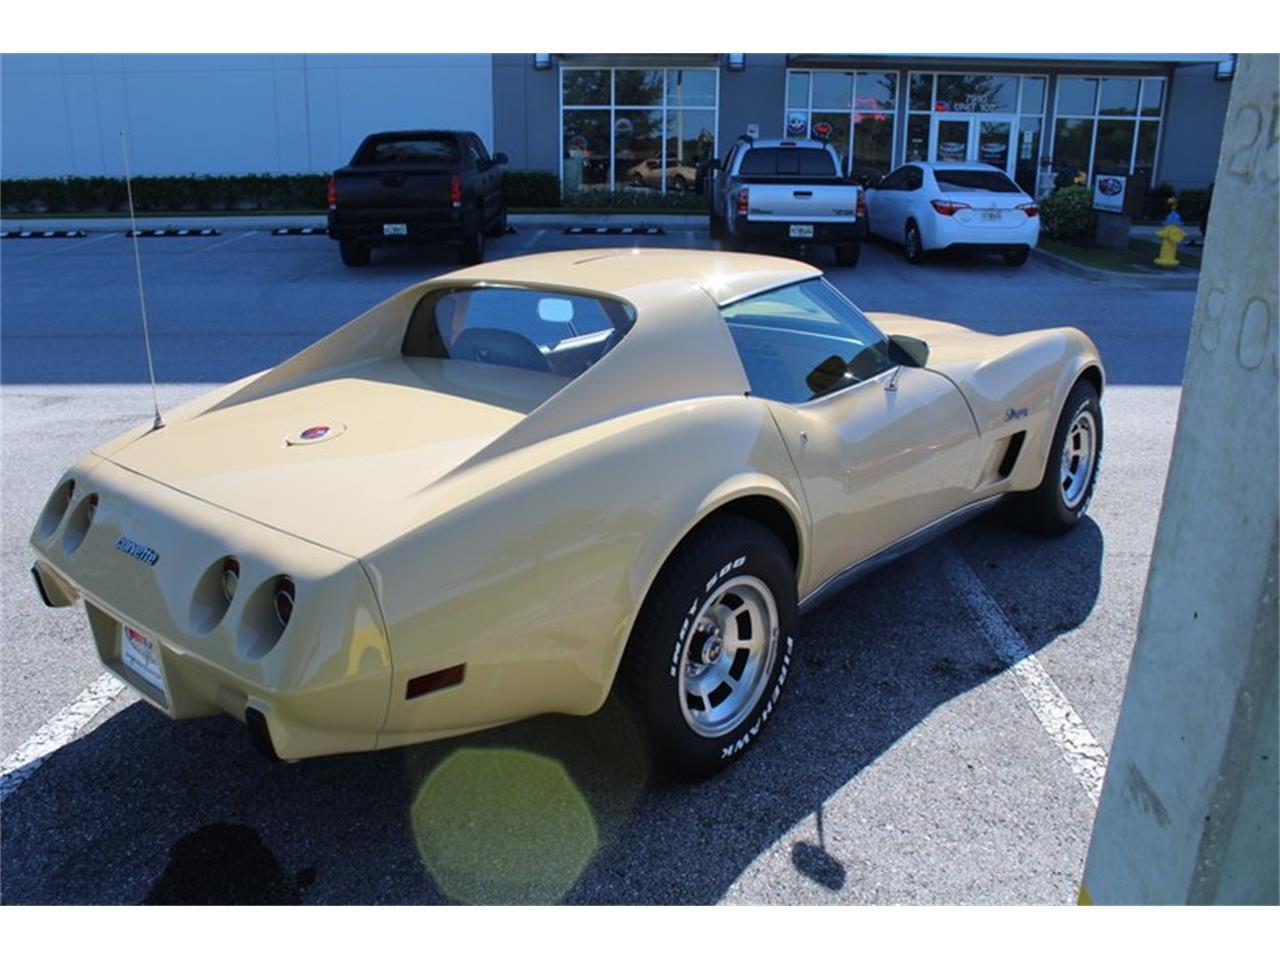 Large Picture of '76 Corvette located in Sarasota Florida - $15,500.00 - QD92